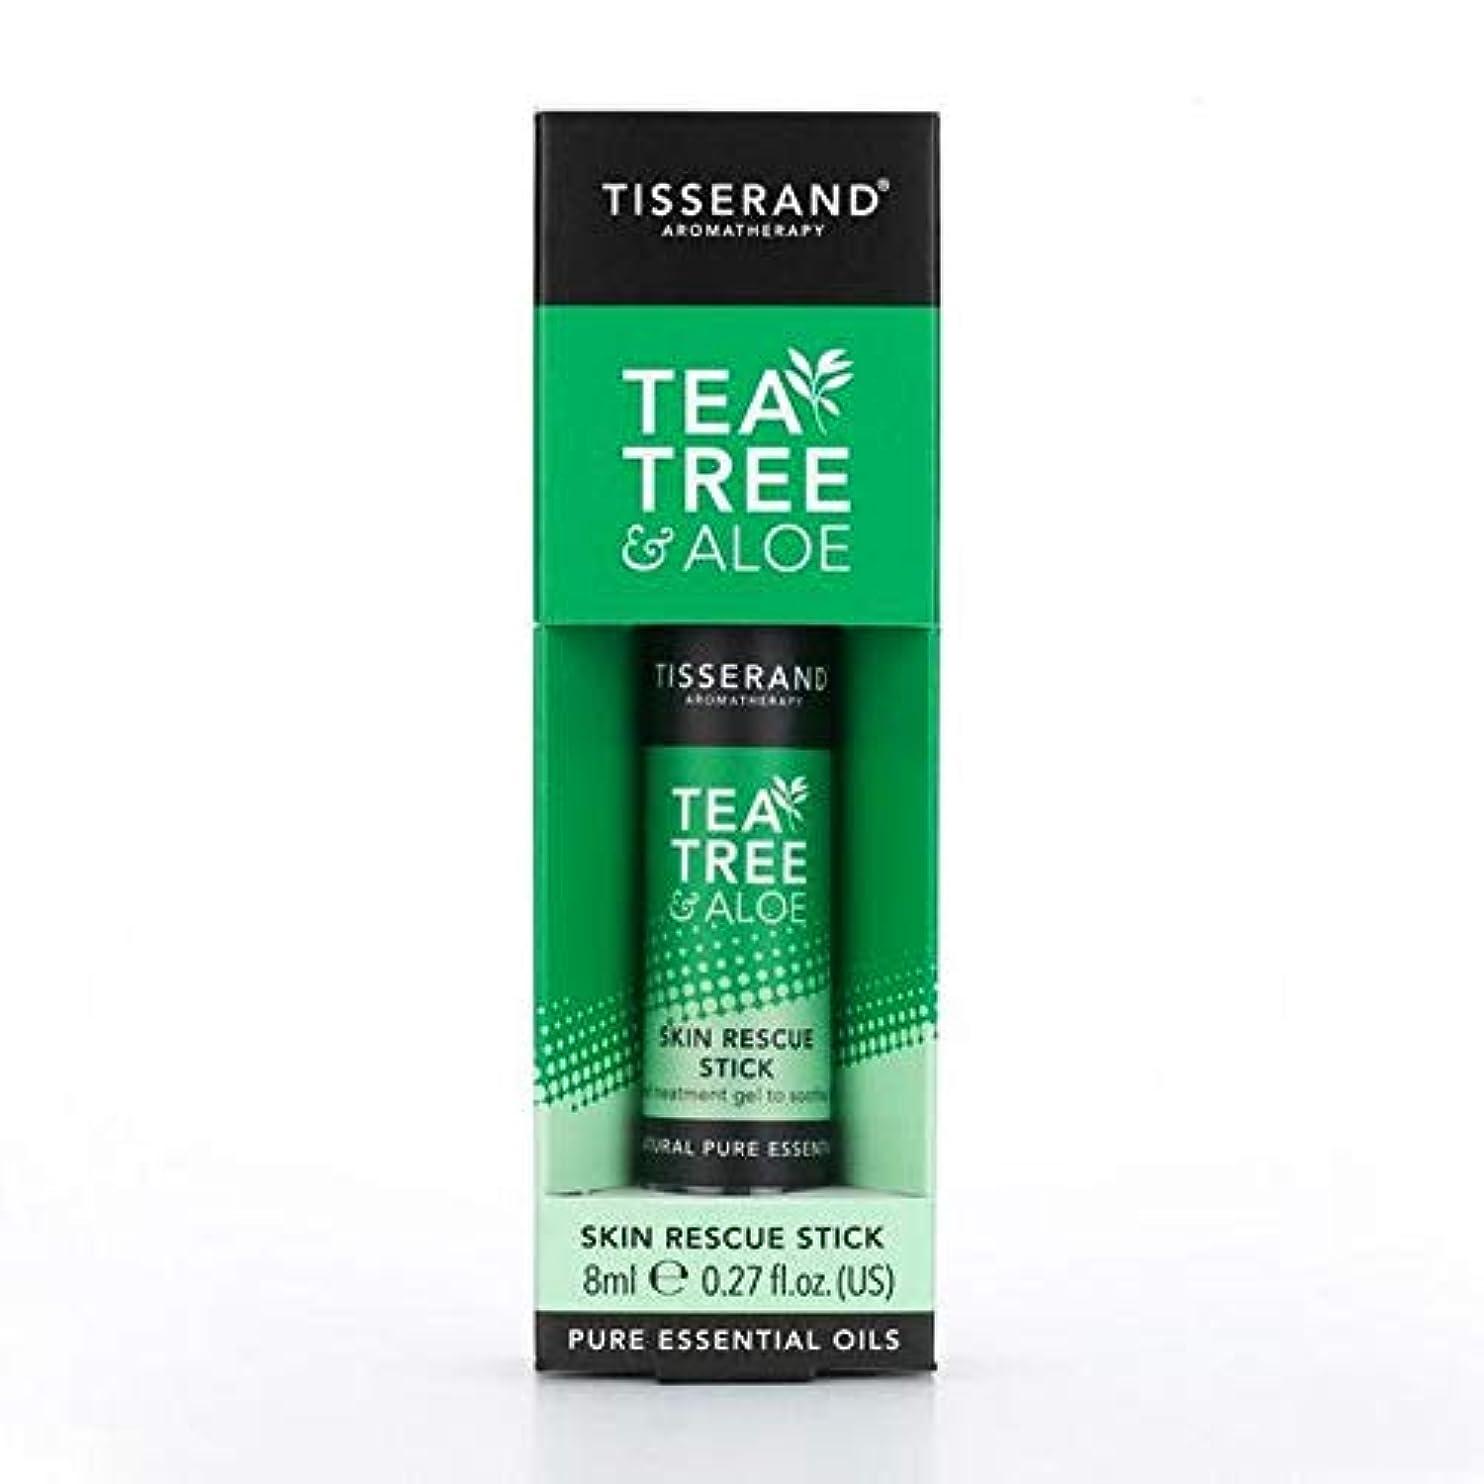 長さ音節悲観的[Tisserand] ティスランドティーツリー&アロエレスキュースティック8ミリリットル - Tisserand Tea Tree & Aloe Rescue Stick 8ml [並行輸入品]